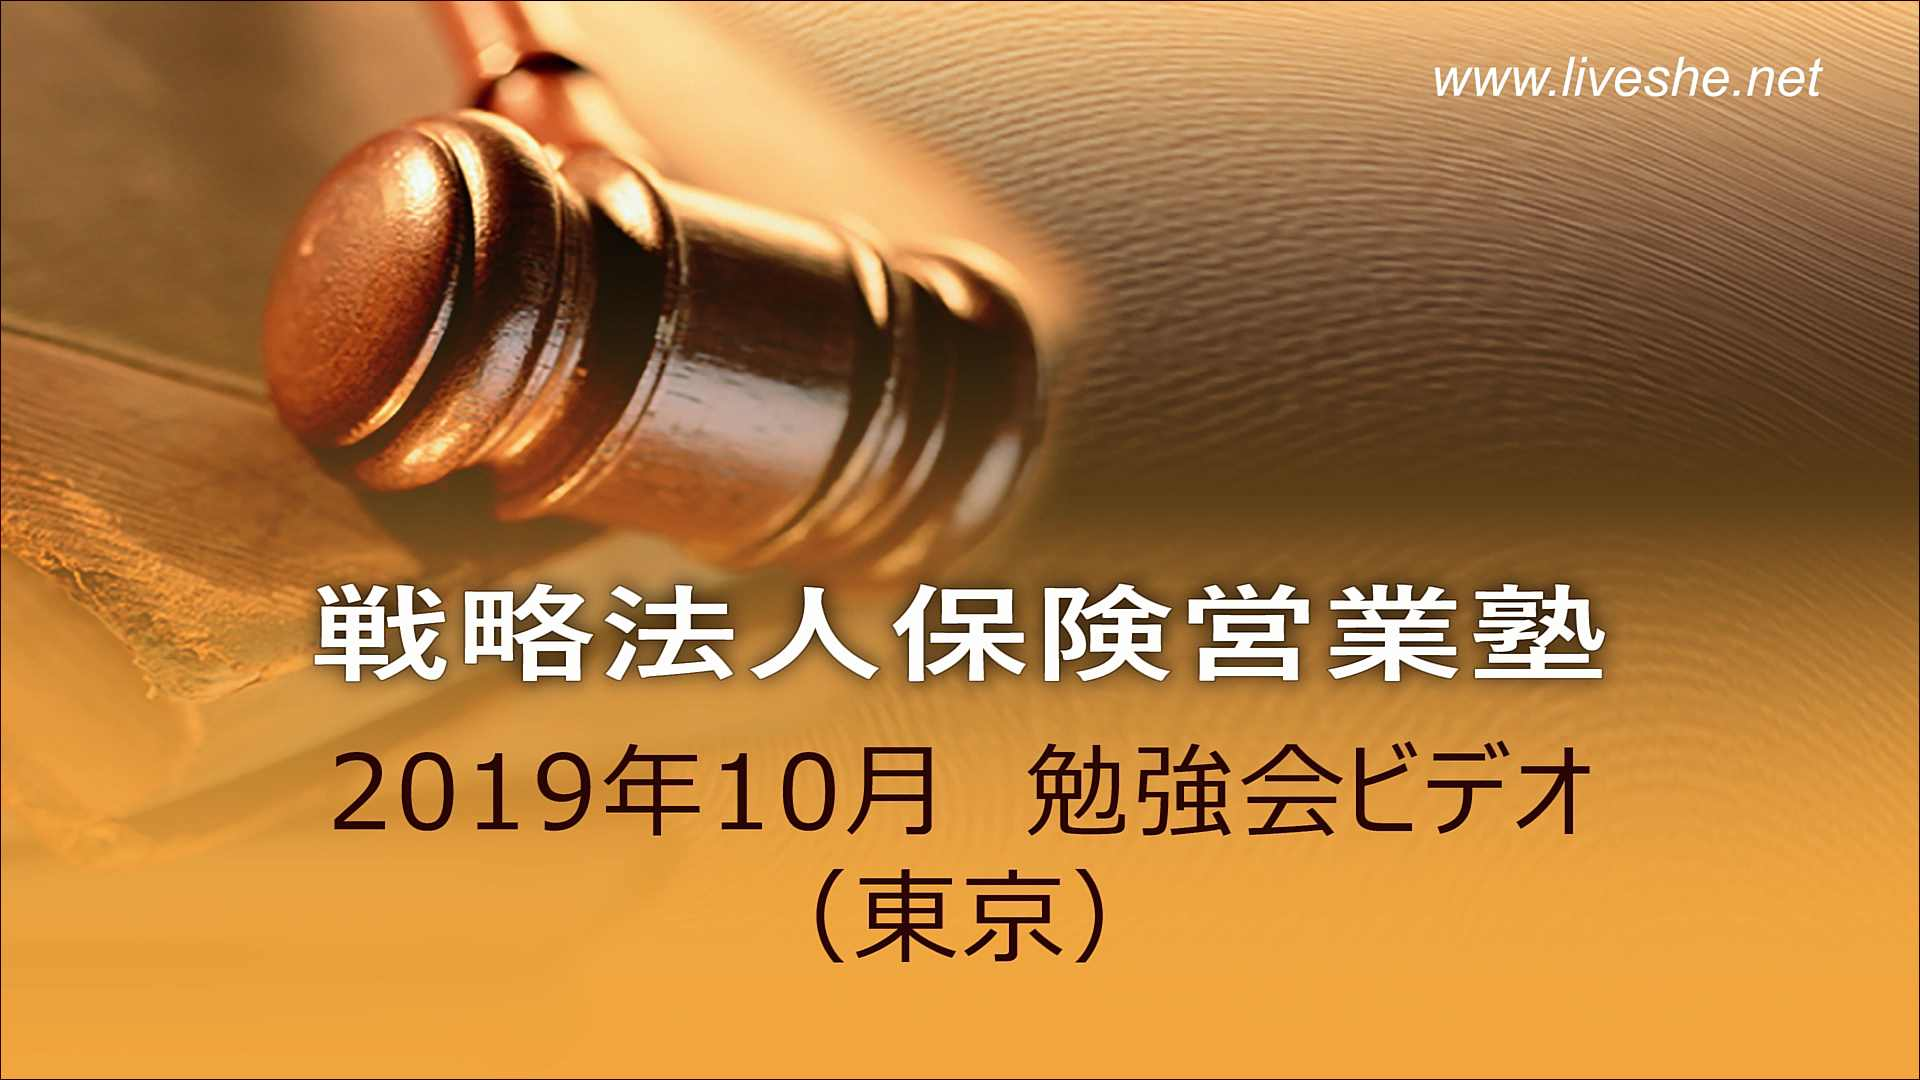 【受講者専用】 2019年10月度LiveSHEビデオ(メンバー限定)